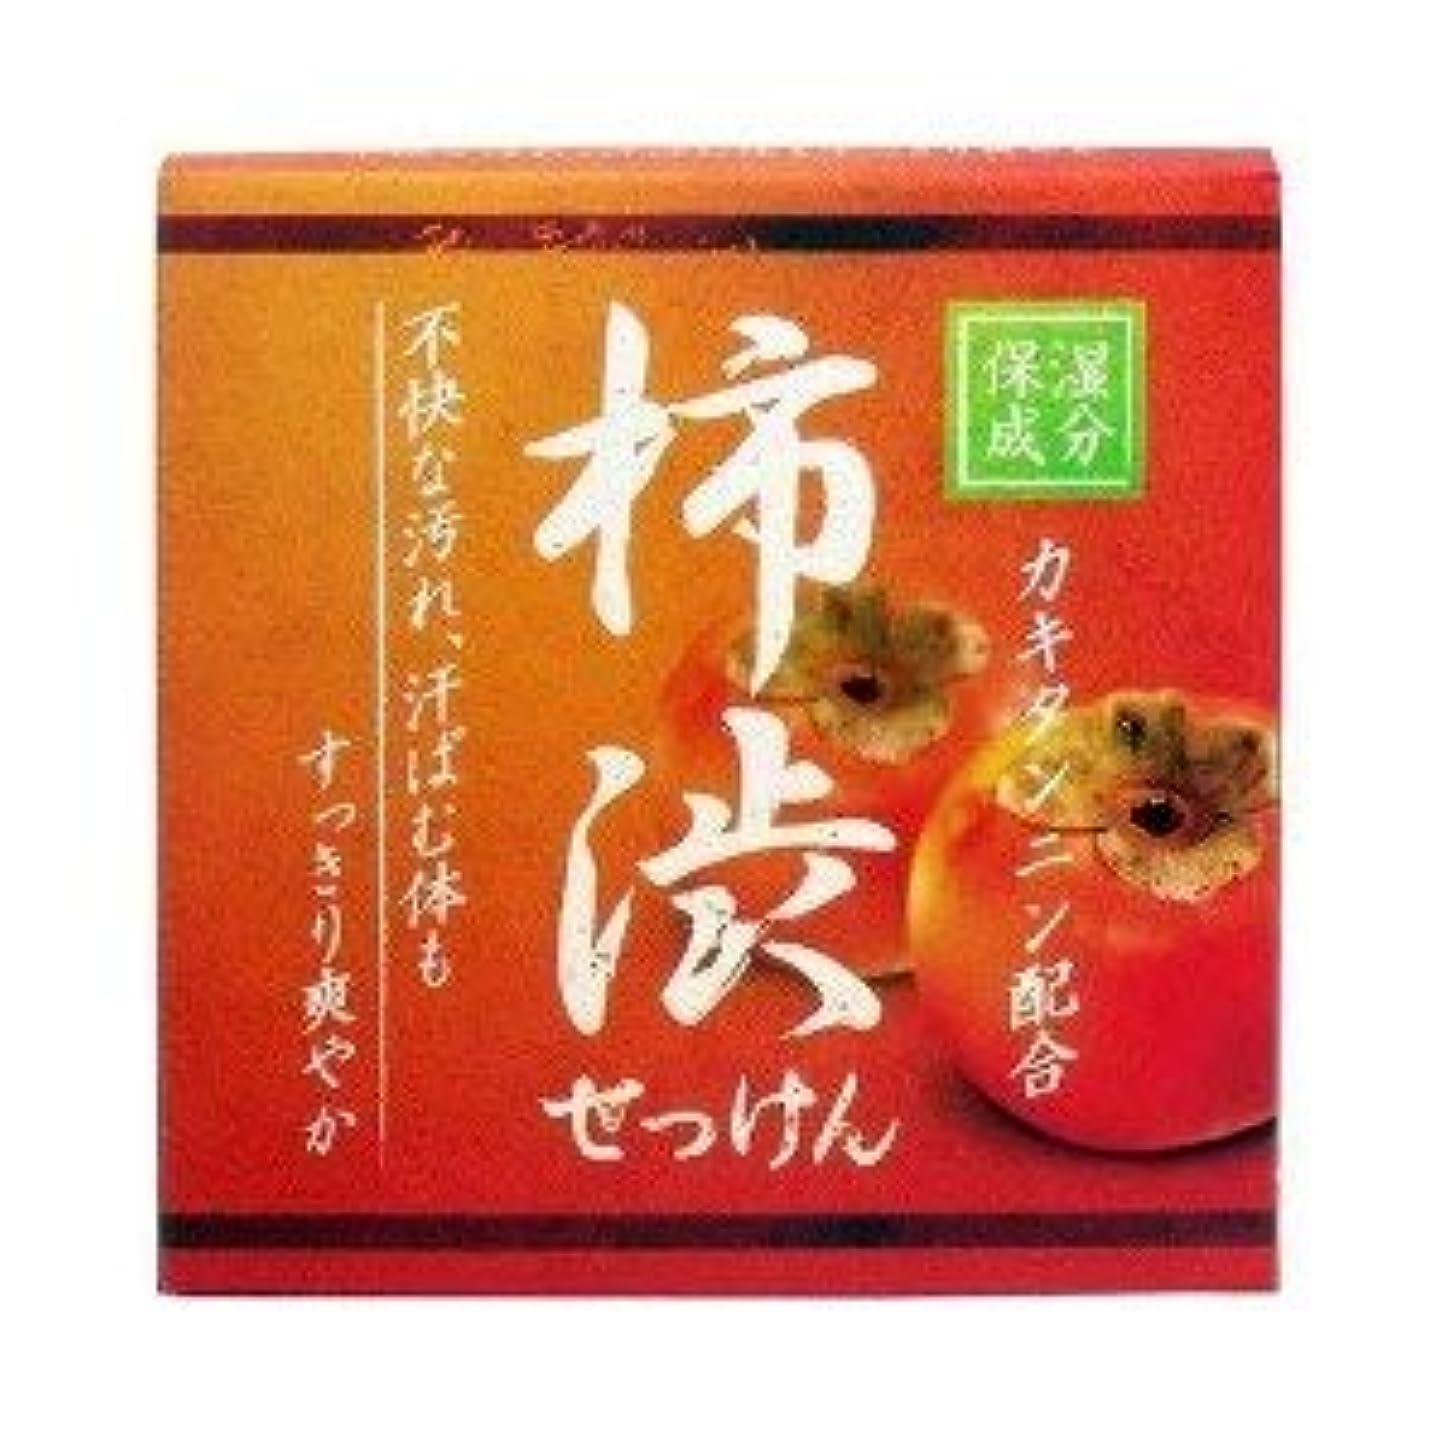 不器用入力レトルト柿渋配合せっけん カキタンニン配合保湿成分 80g×2 2個1セット 石鹸